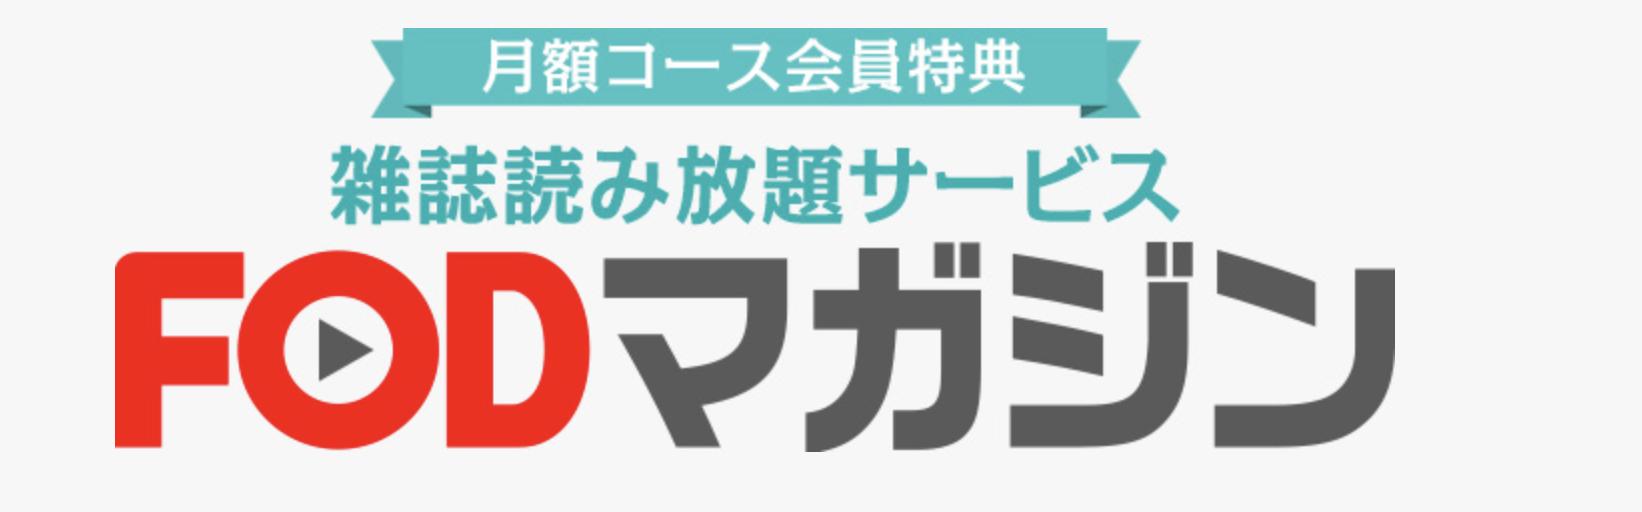 FODプレミアム_雑誌が読み放題